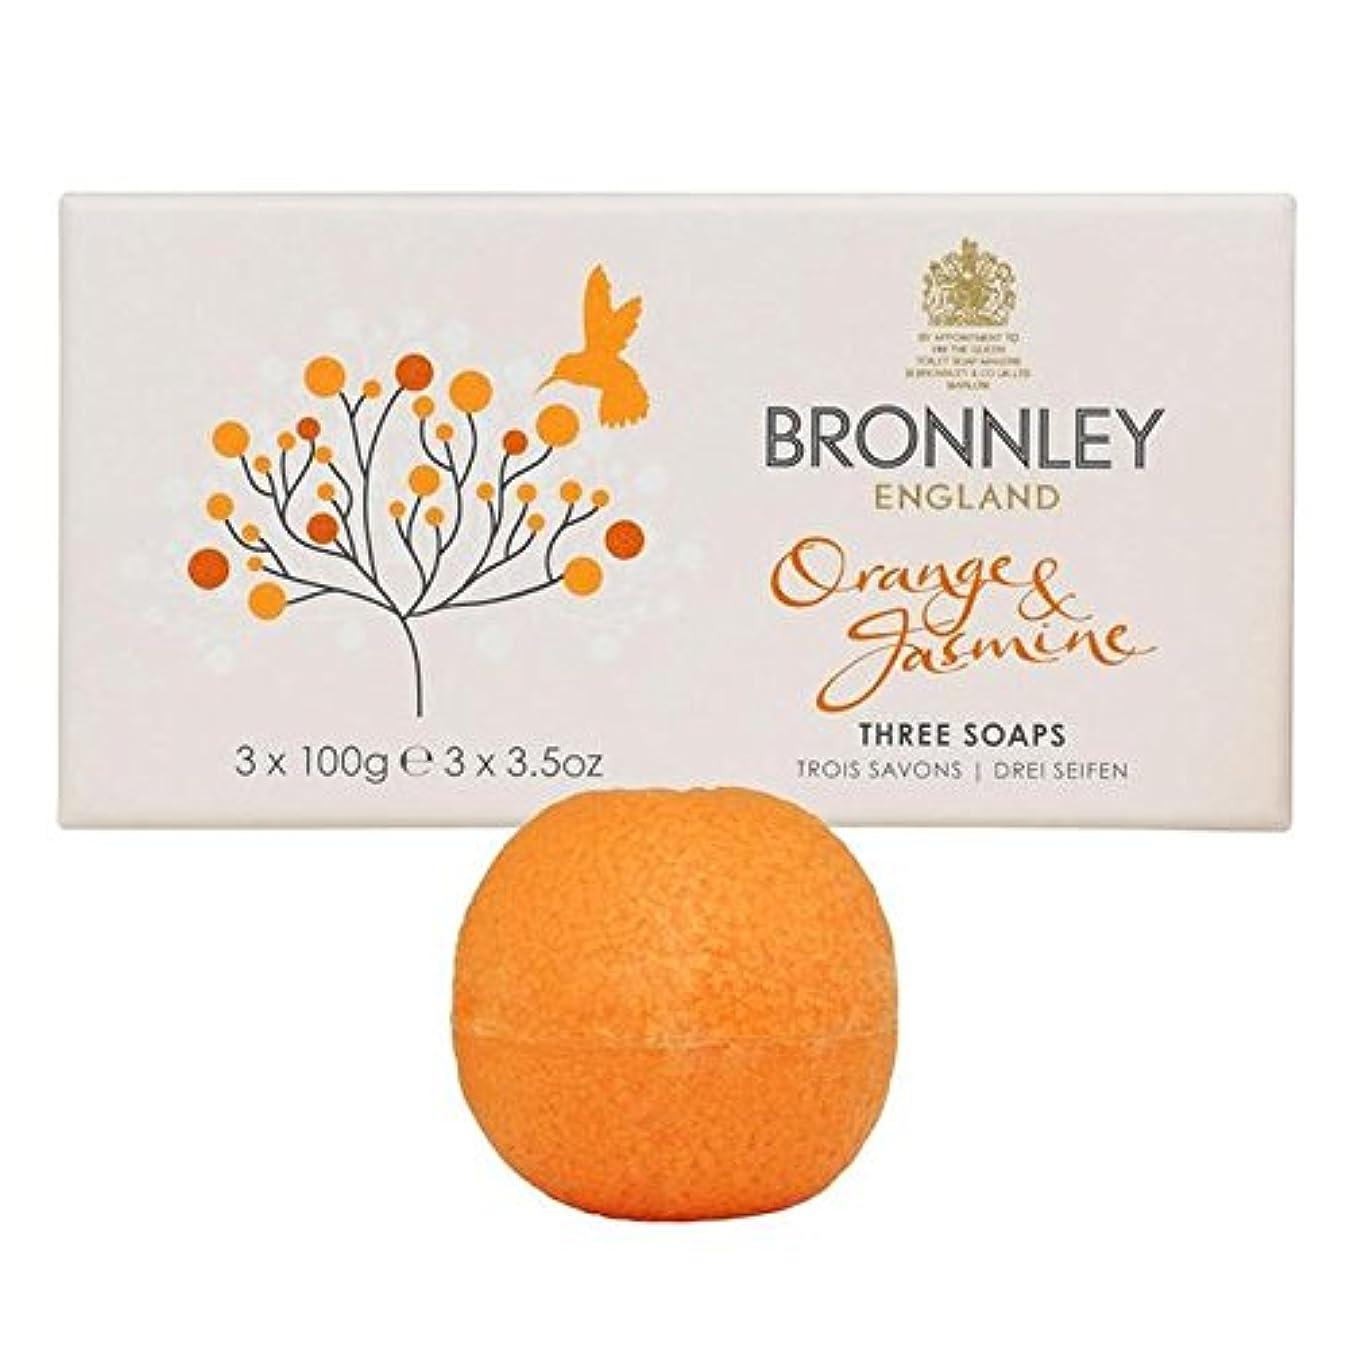 廃止申し立て滑り台オレンジ&ジャスミン石鹸3×100グラム x2 - Bronnley Orange & Jasmine Soaps 3 x 100g (Pack of 2) [並行輸入品]